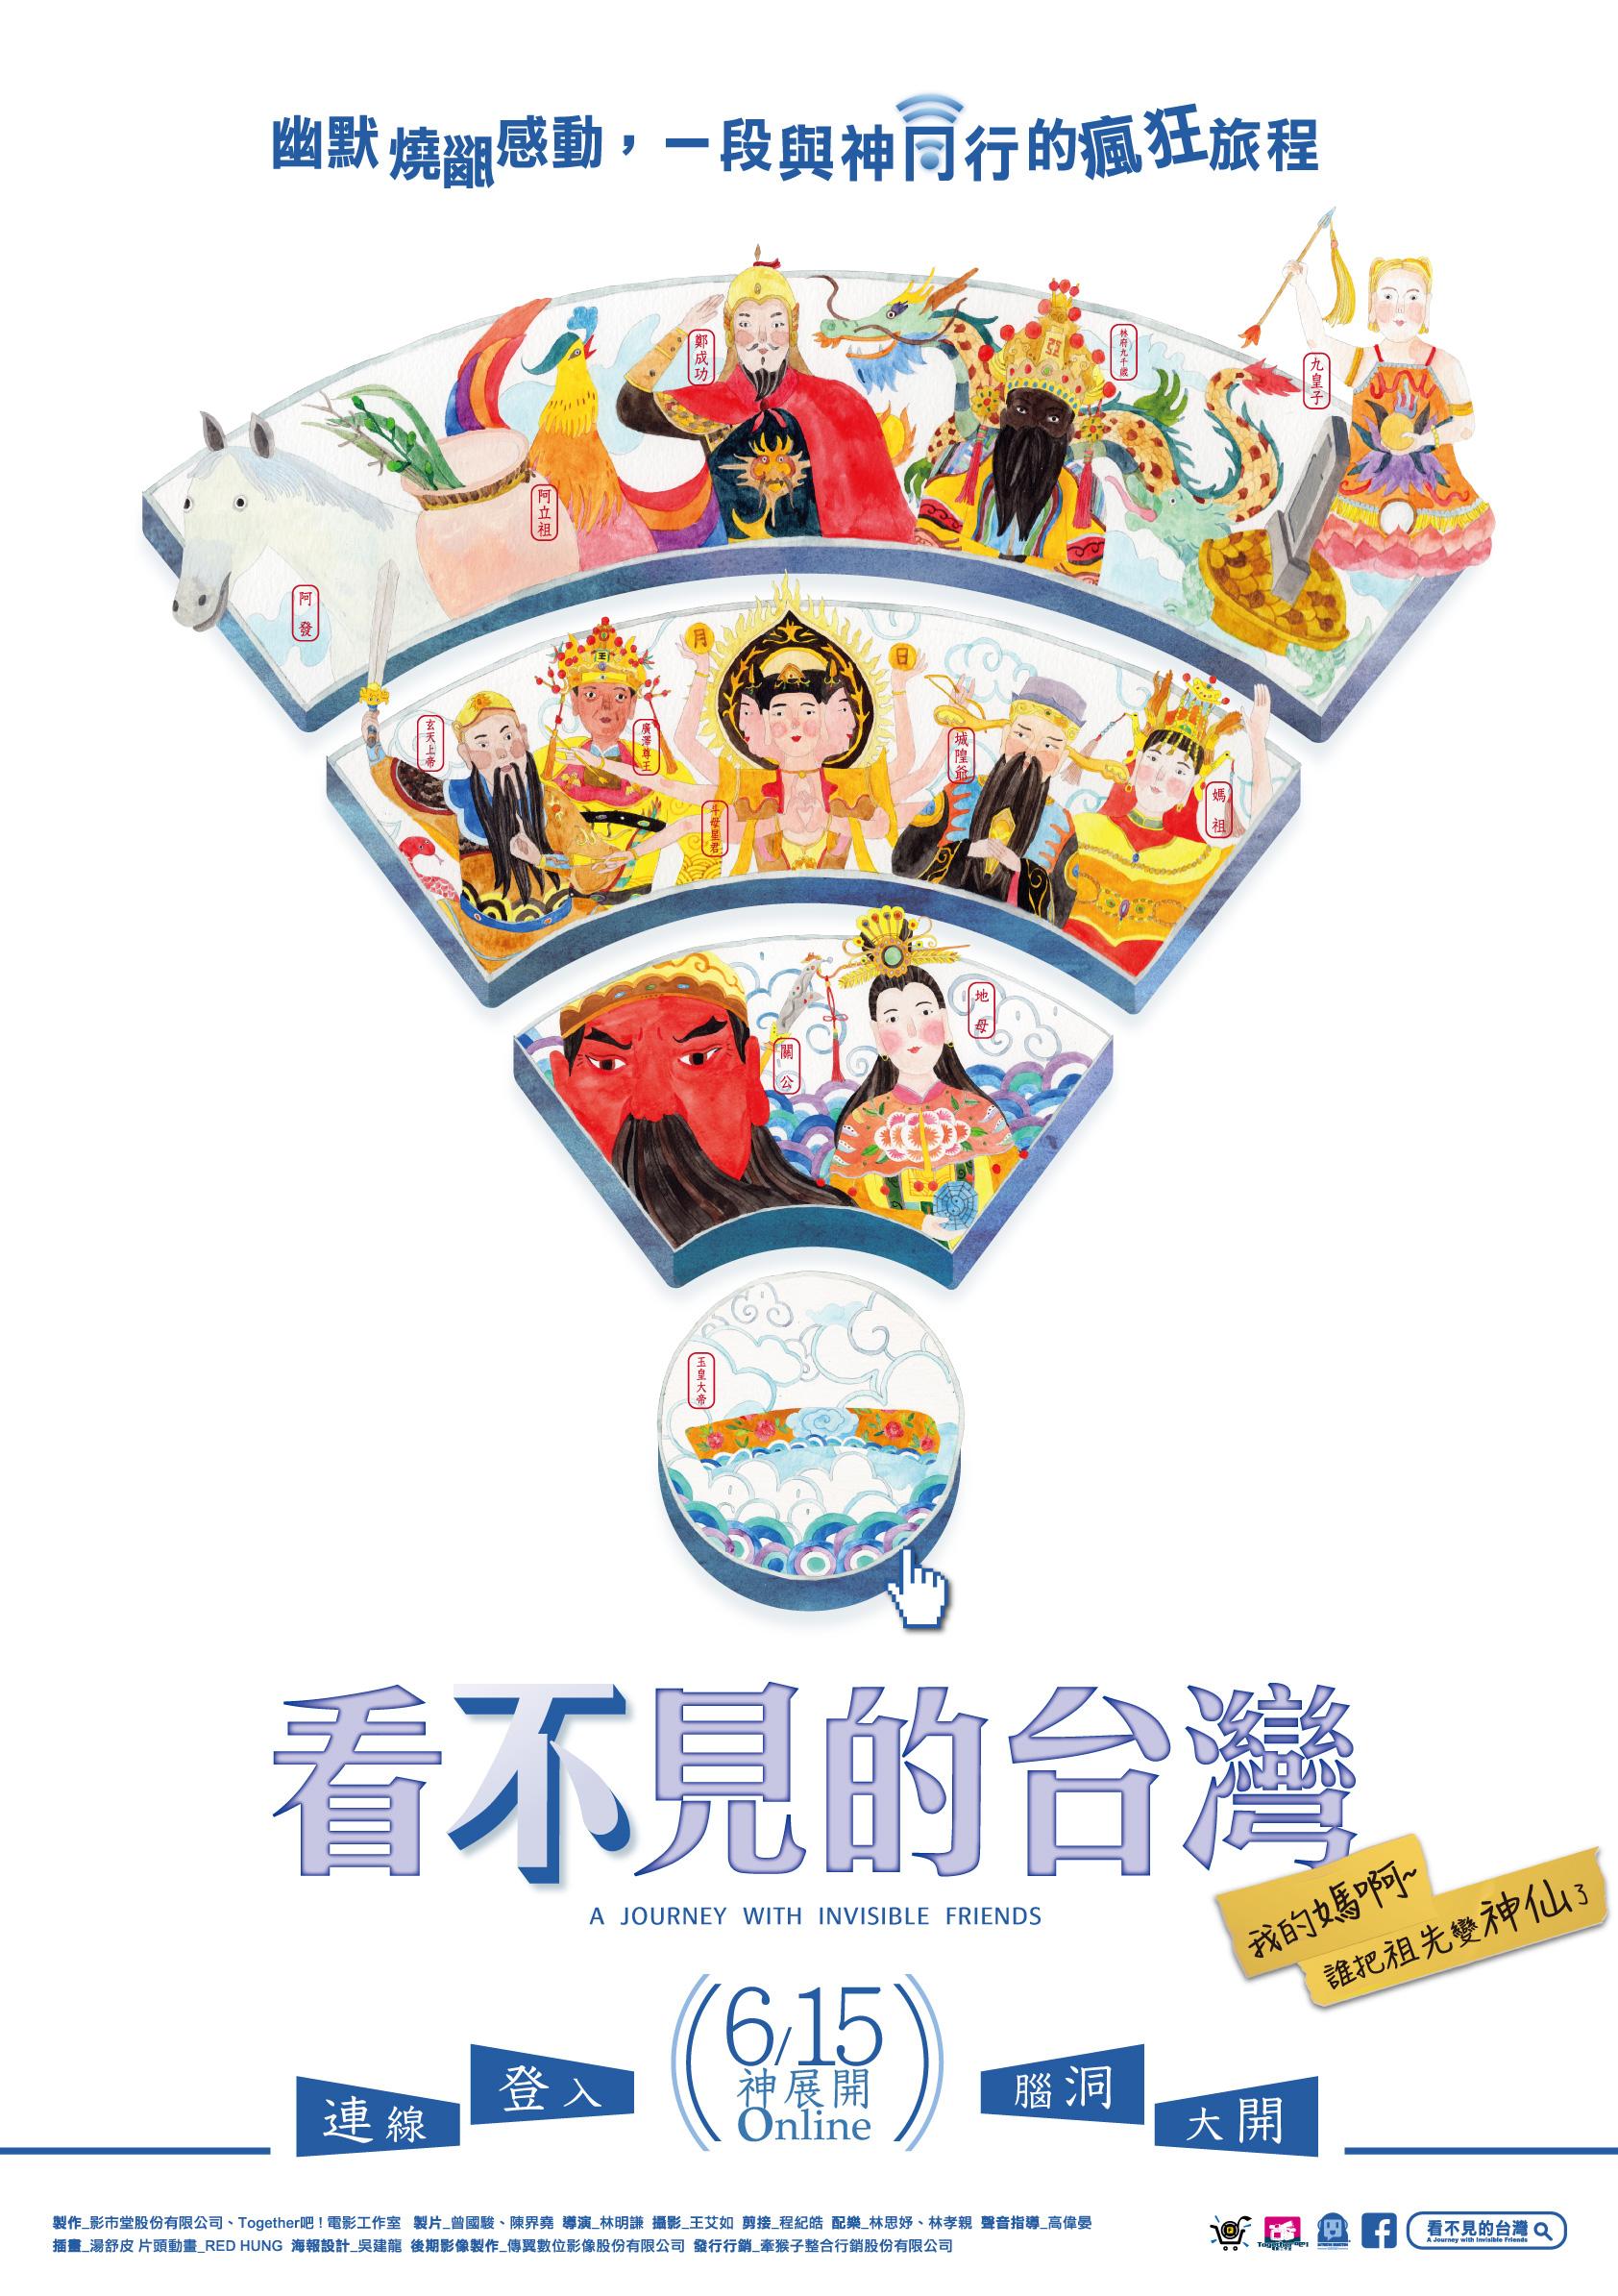 《看不見的台灣》一路紀錄「與神同行」的互動。從海報裡可以看到,鄭成功依然穿著傳統戰袍,但形象顯得可愛親民,還以手勢致意。圖片來源│影市堂提供